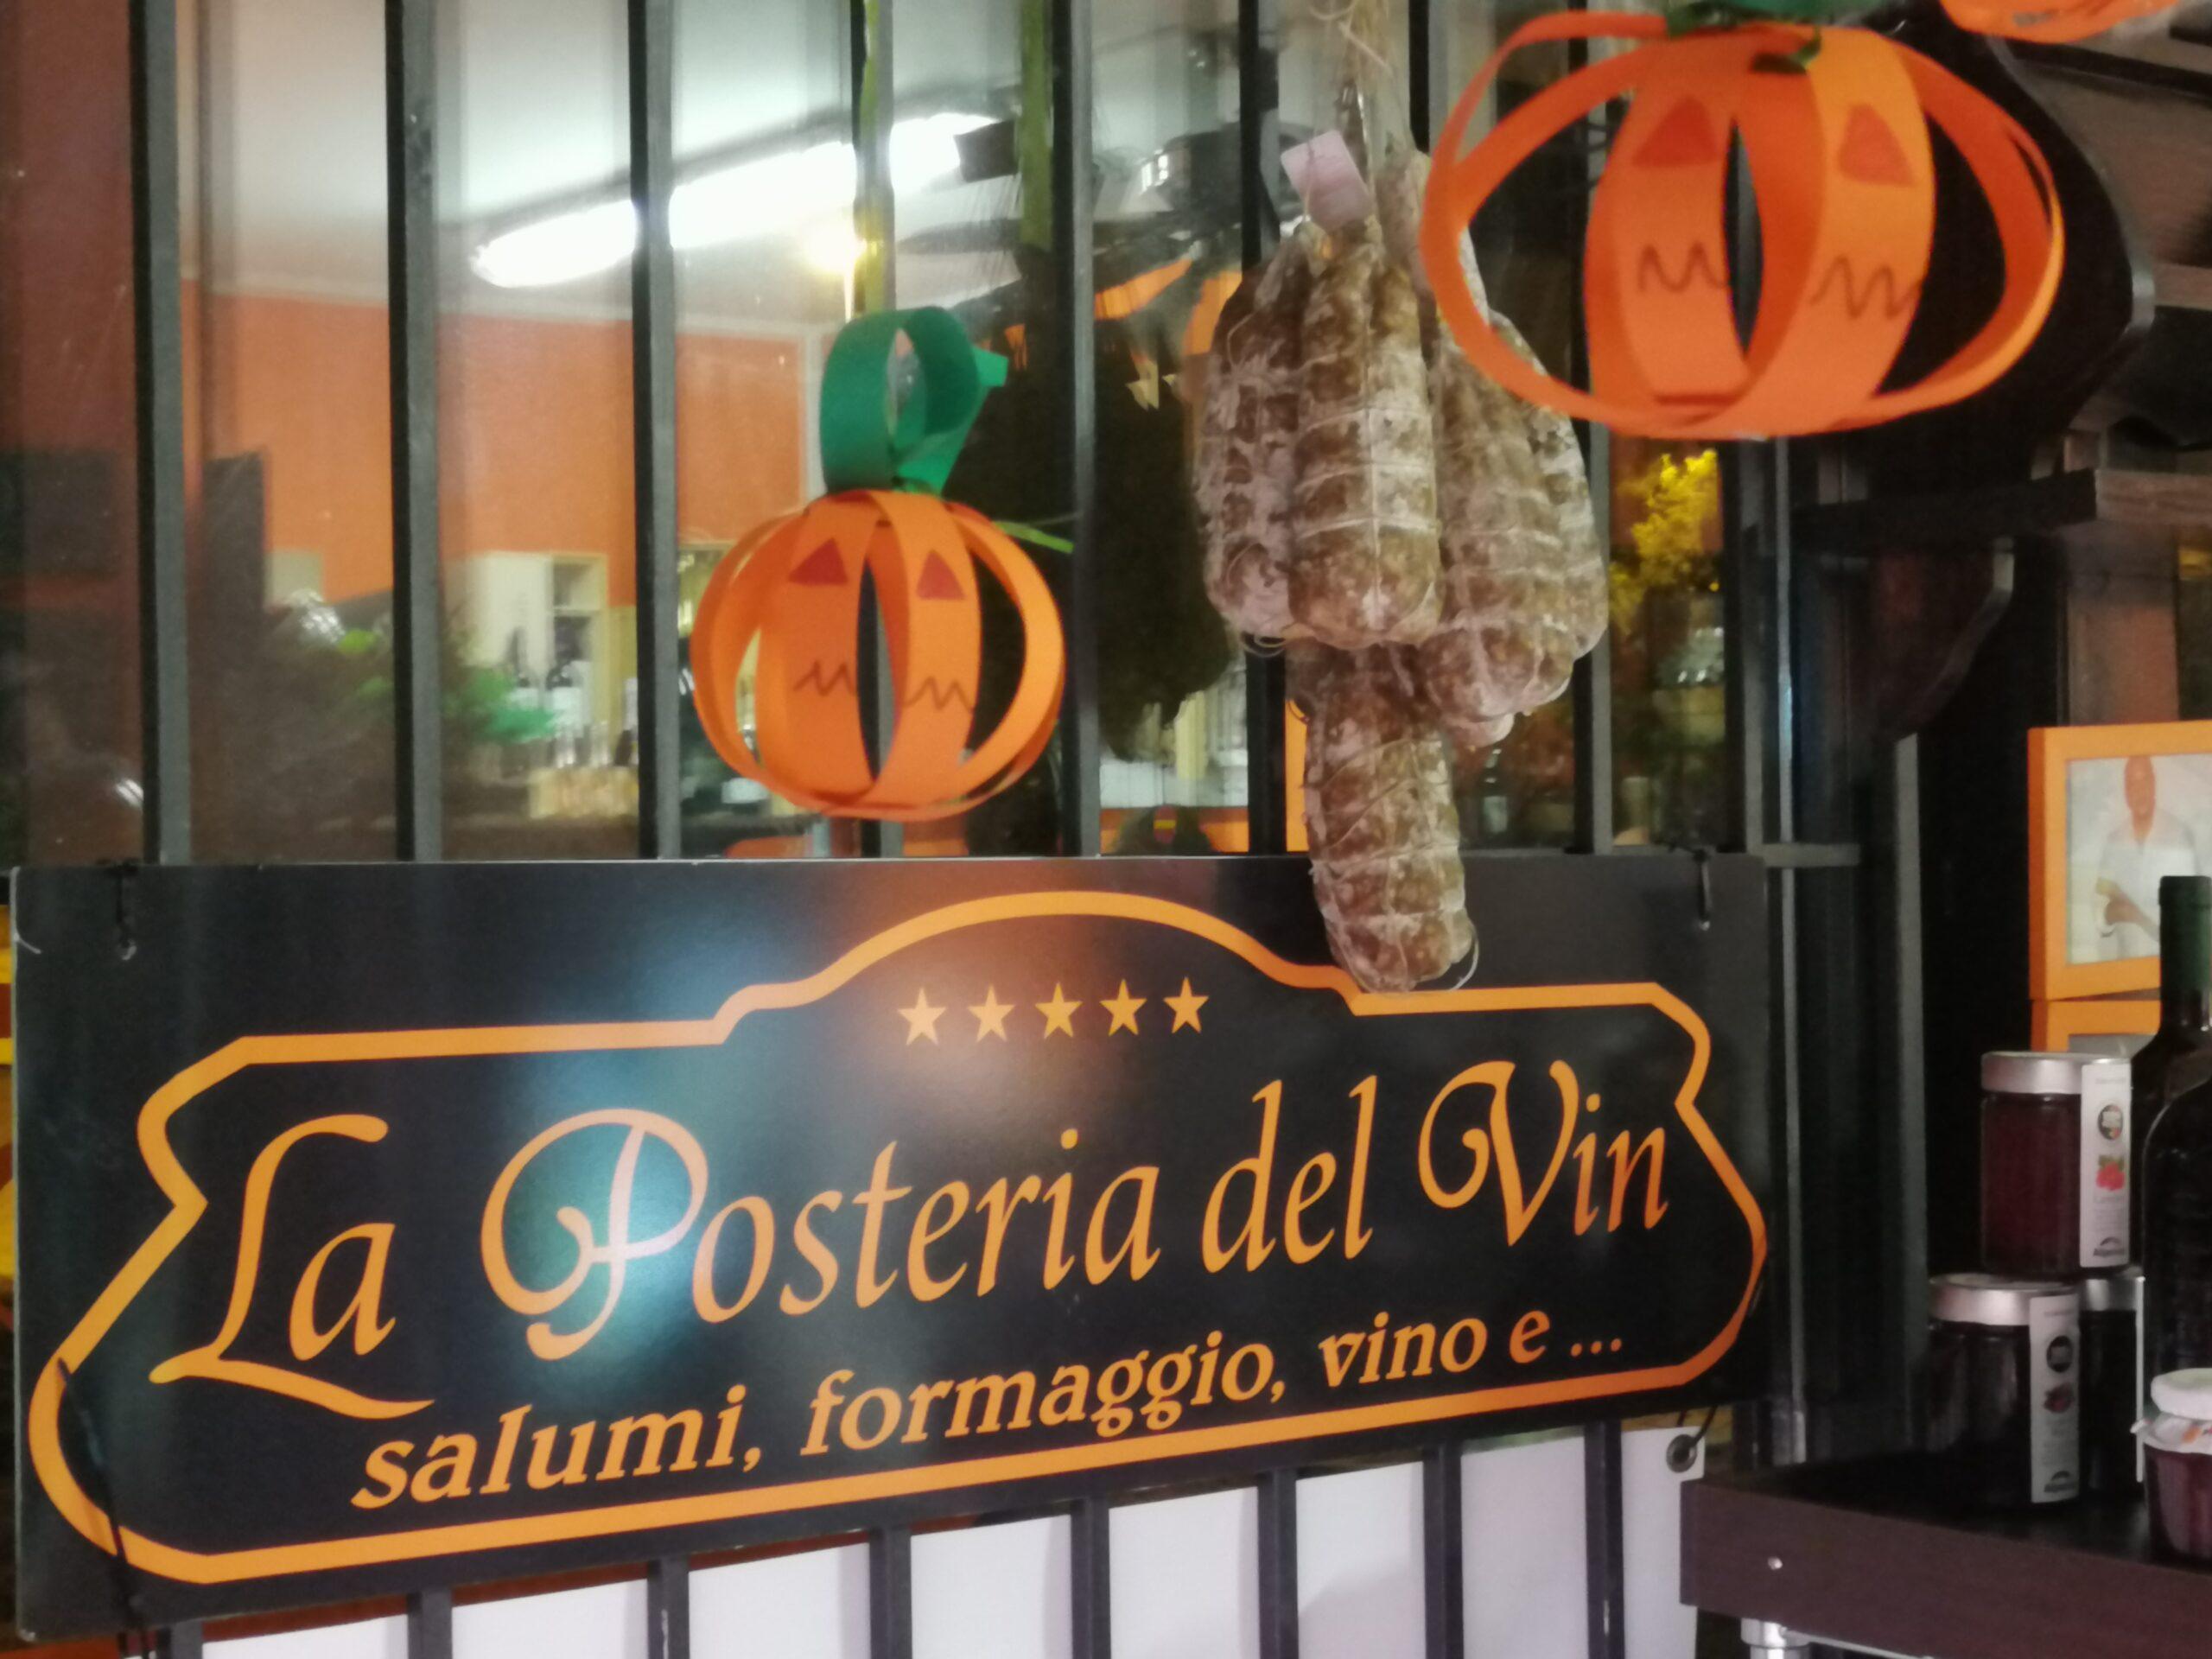 La Posteria Del Vin, Vincenzo Dellerma, Settimo Milanese